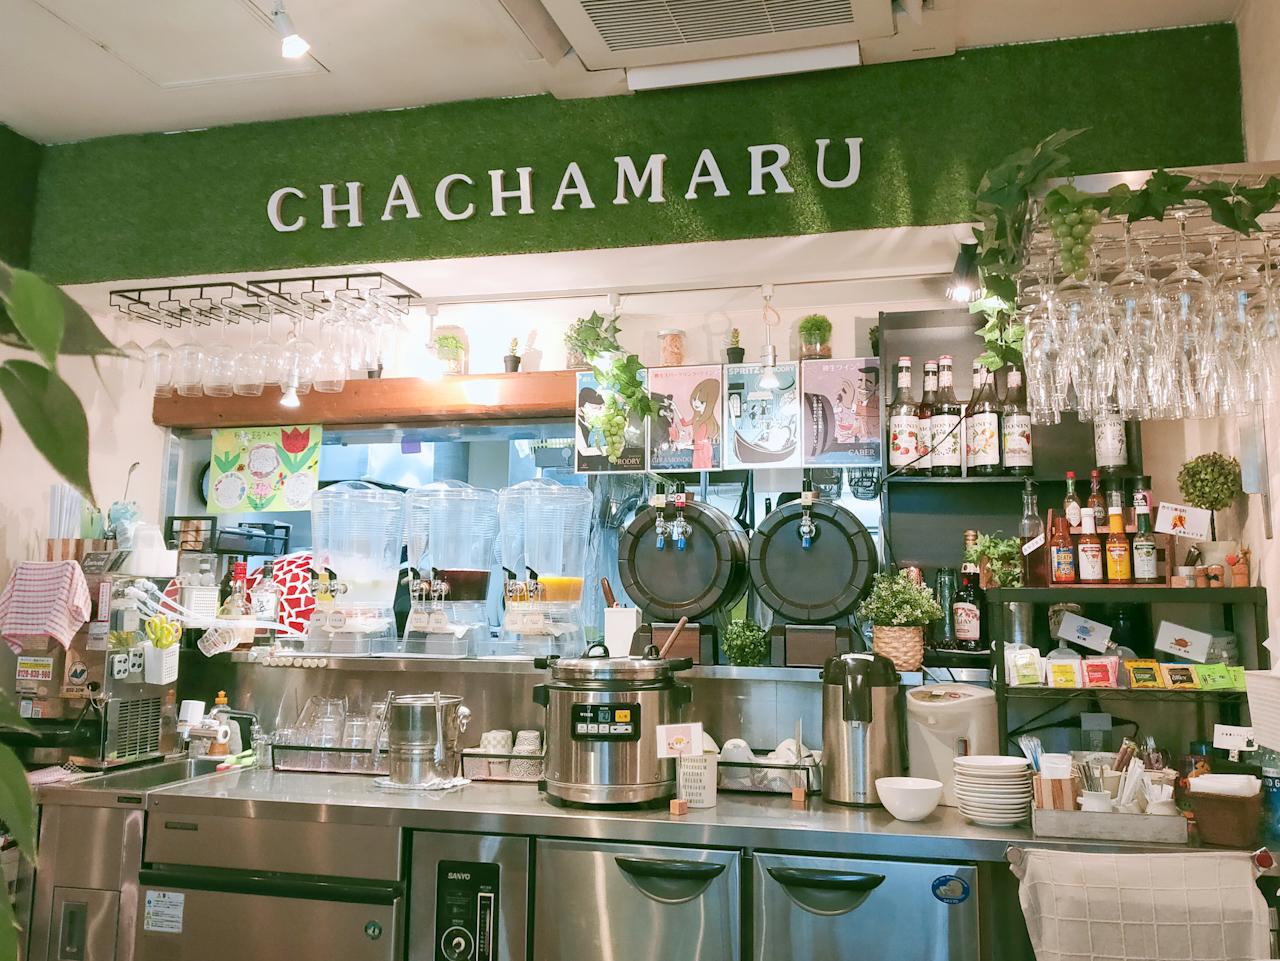 「CHACHAMARU」のランチメニューはすべてサラダ・スープ・ドリンクバーつき